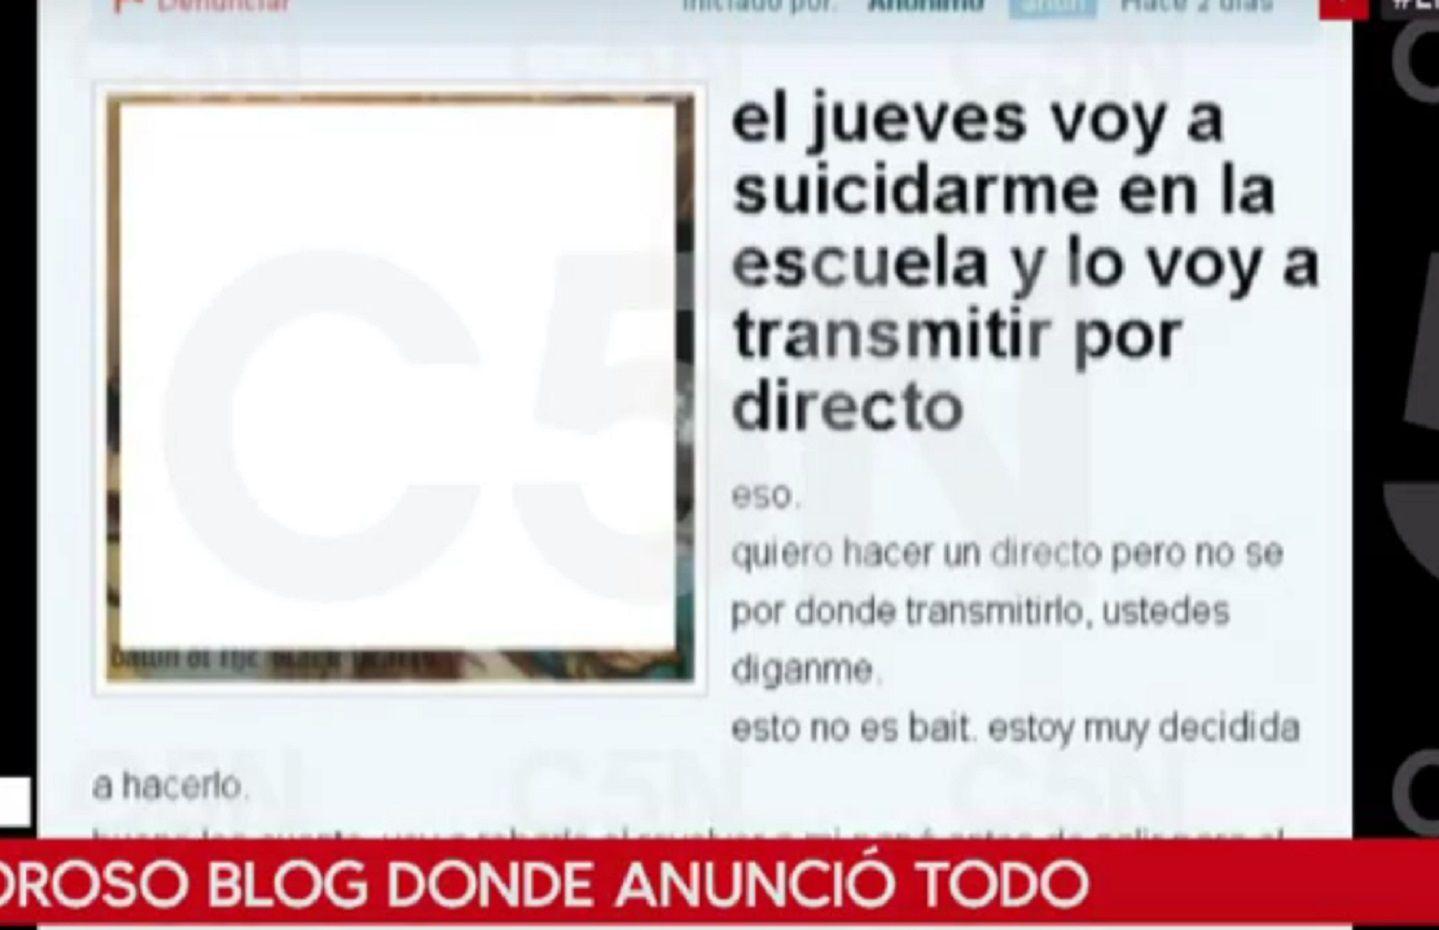 La joven que se pegó un tiro en La Plata lo había anticipado en un blog